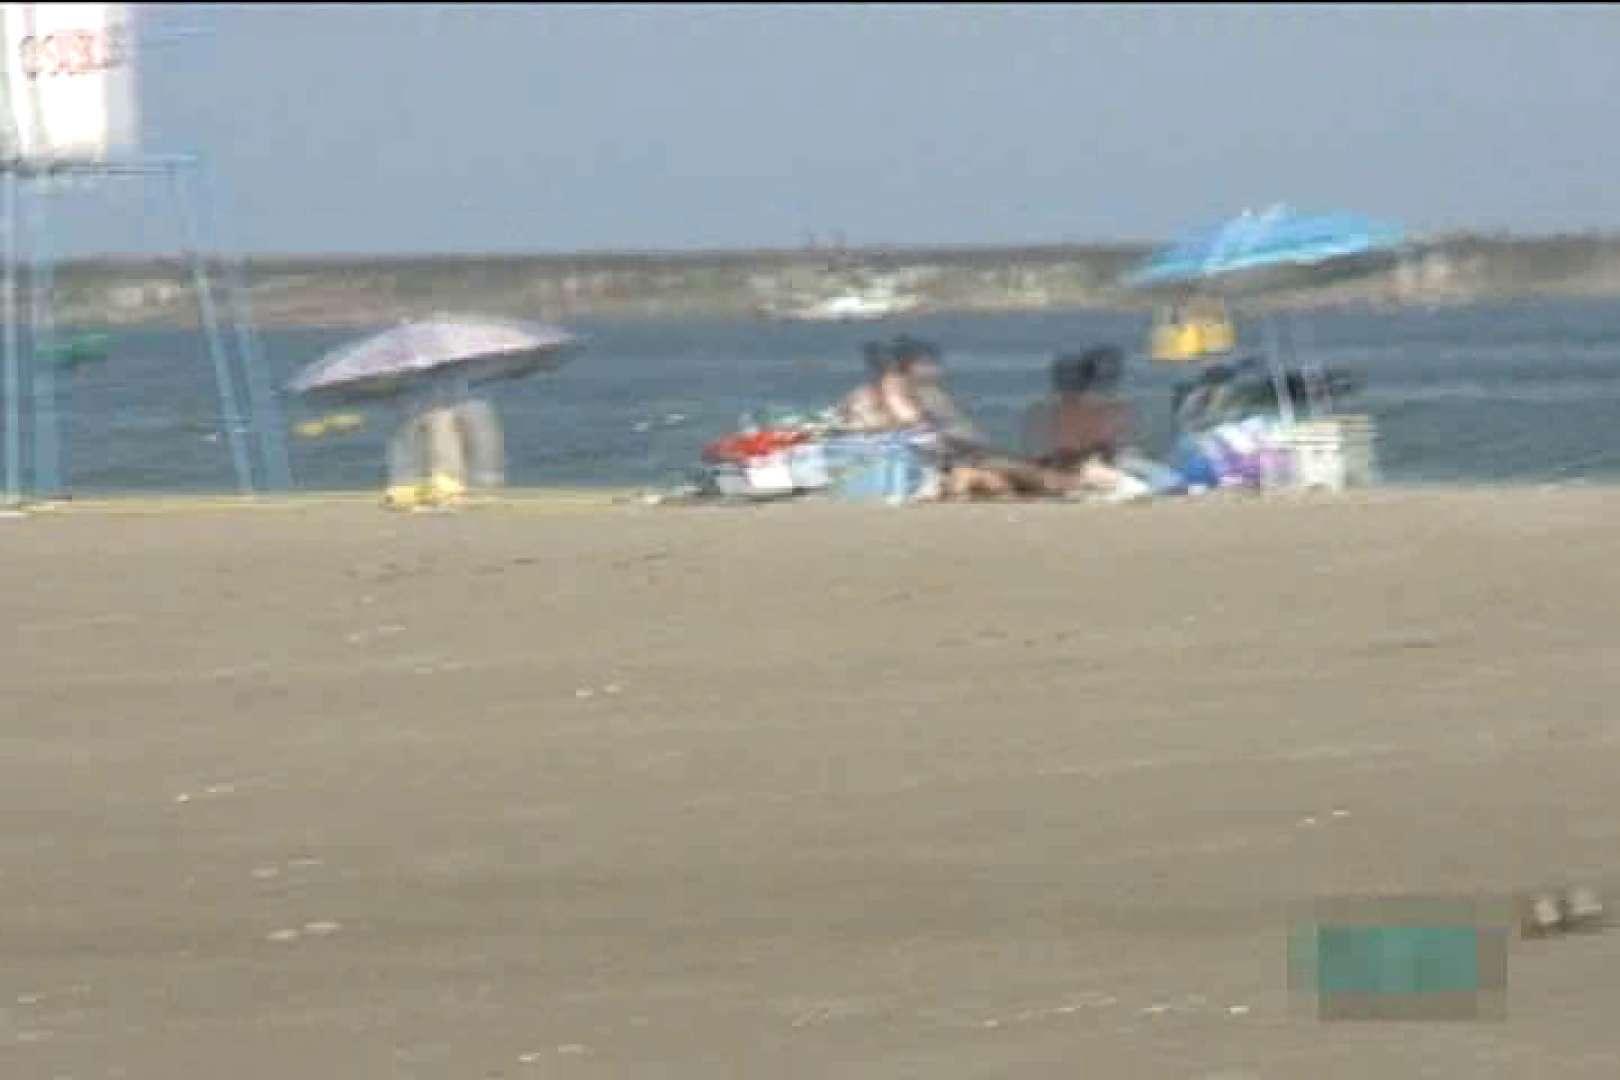 真夏のビーチは危険地帯Vol.3 ハプニング アダルト動画キャプチャ 107PIX 27